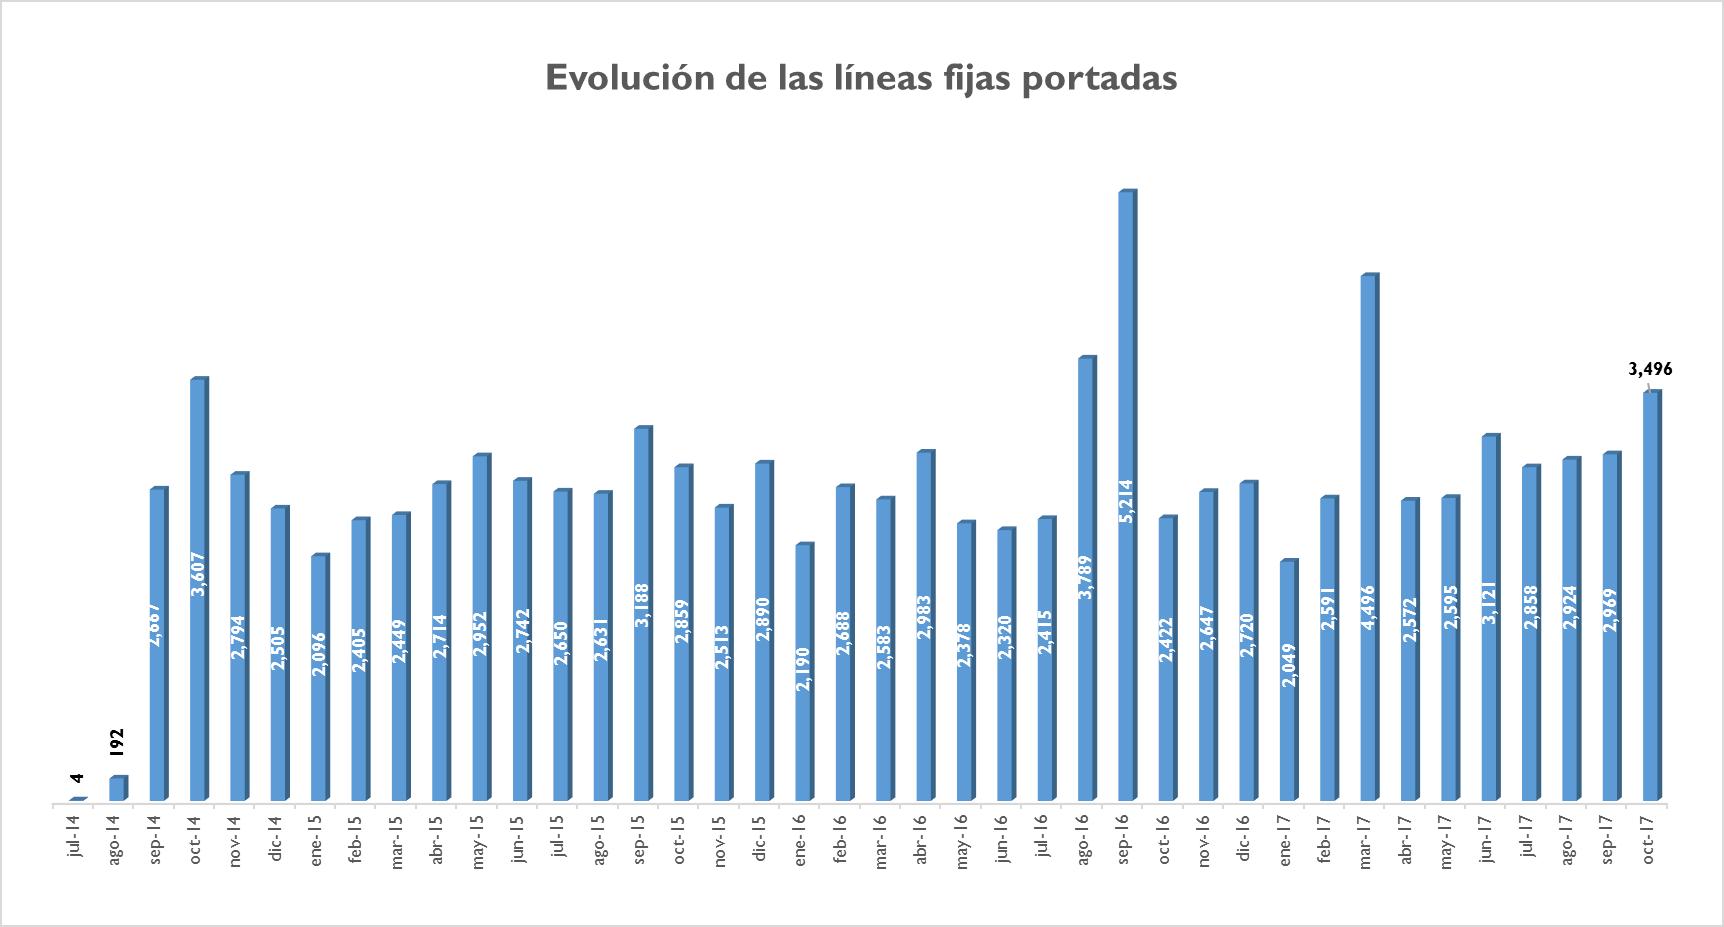 ab0f636cc4b Lima agrupa el 74.9% de portaciones en telefonía fija con 80,803 líneas  portadas en ese periodo, seguido por Arequipa y La Libertad con 5.9% (6,404  líneas) ...